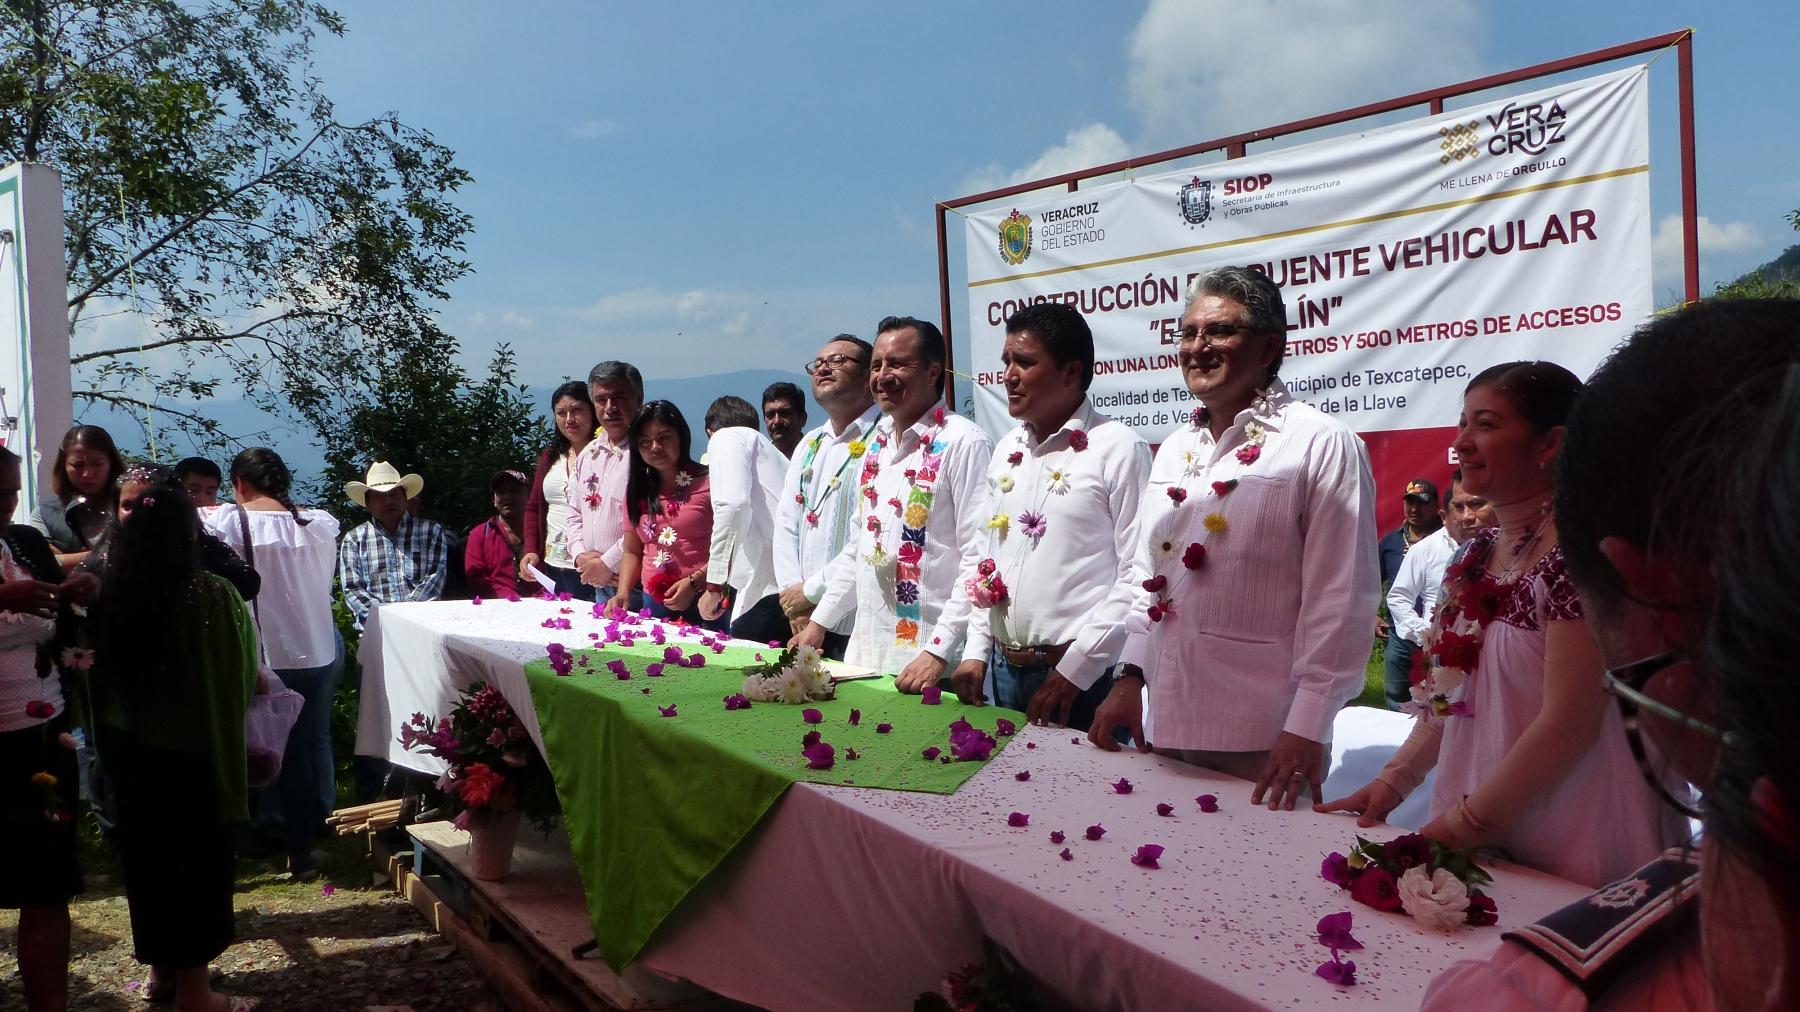 Manifestación pacífica rinde frutos y el gobernador del estado visita Texcatepec.